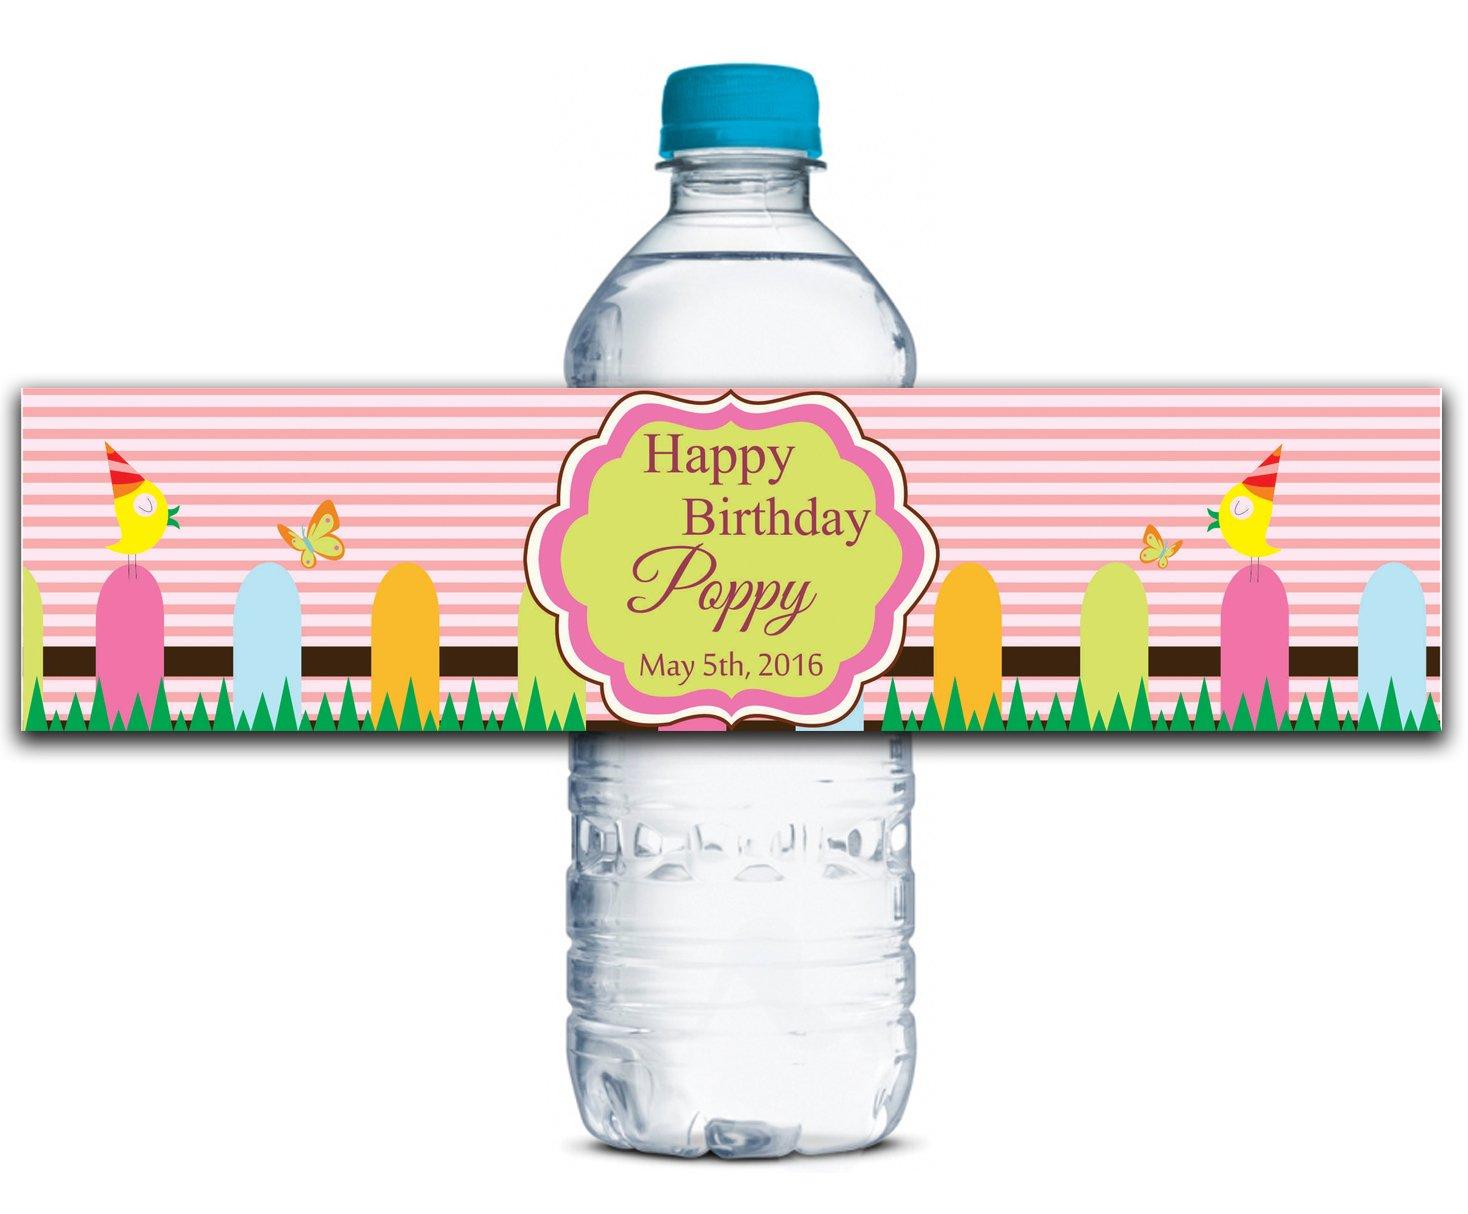 Kundenspezifische Geburtstags-Aufkleber Personalisierte Wasserflasche Etiketten Selbstklebende wasserdichte 8  x 2  Zoll - 50 Etiketten B01A0W4Z1M | Verbraucher zuerst